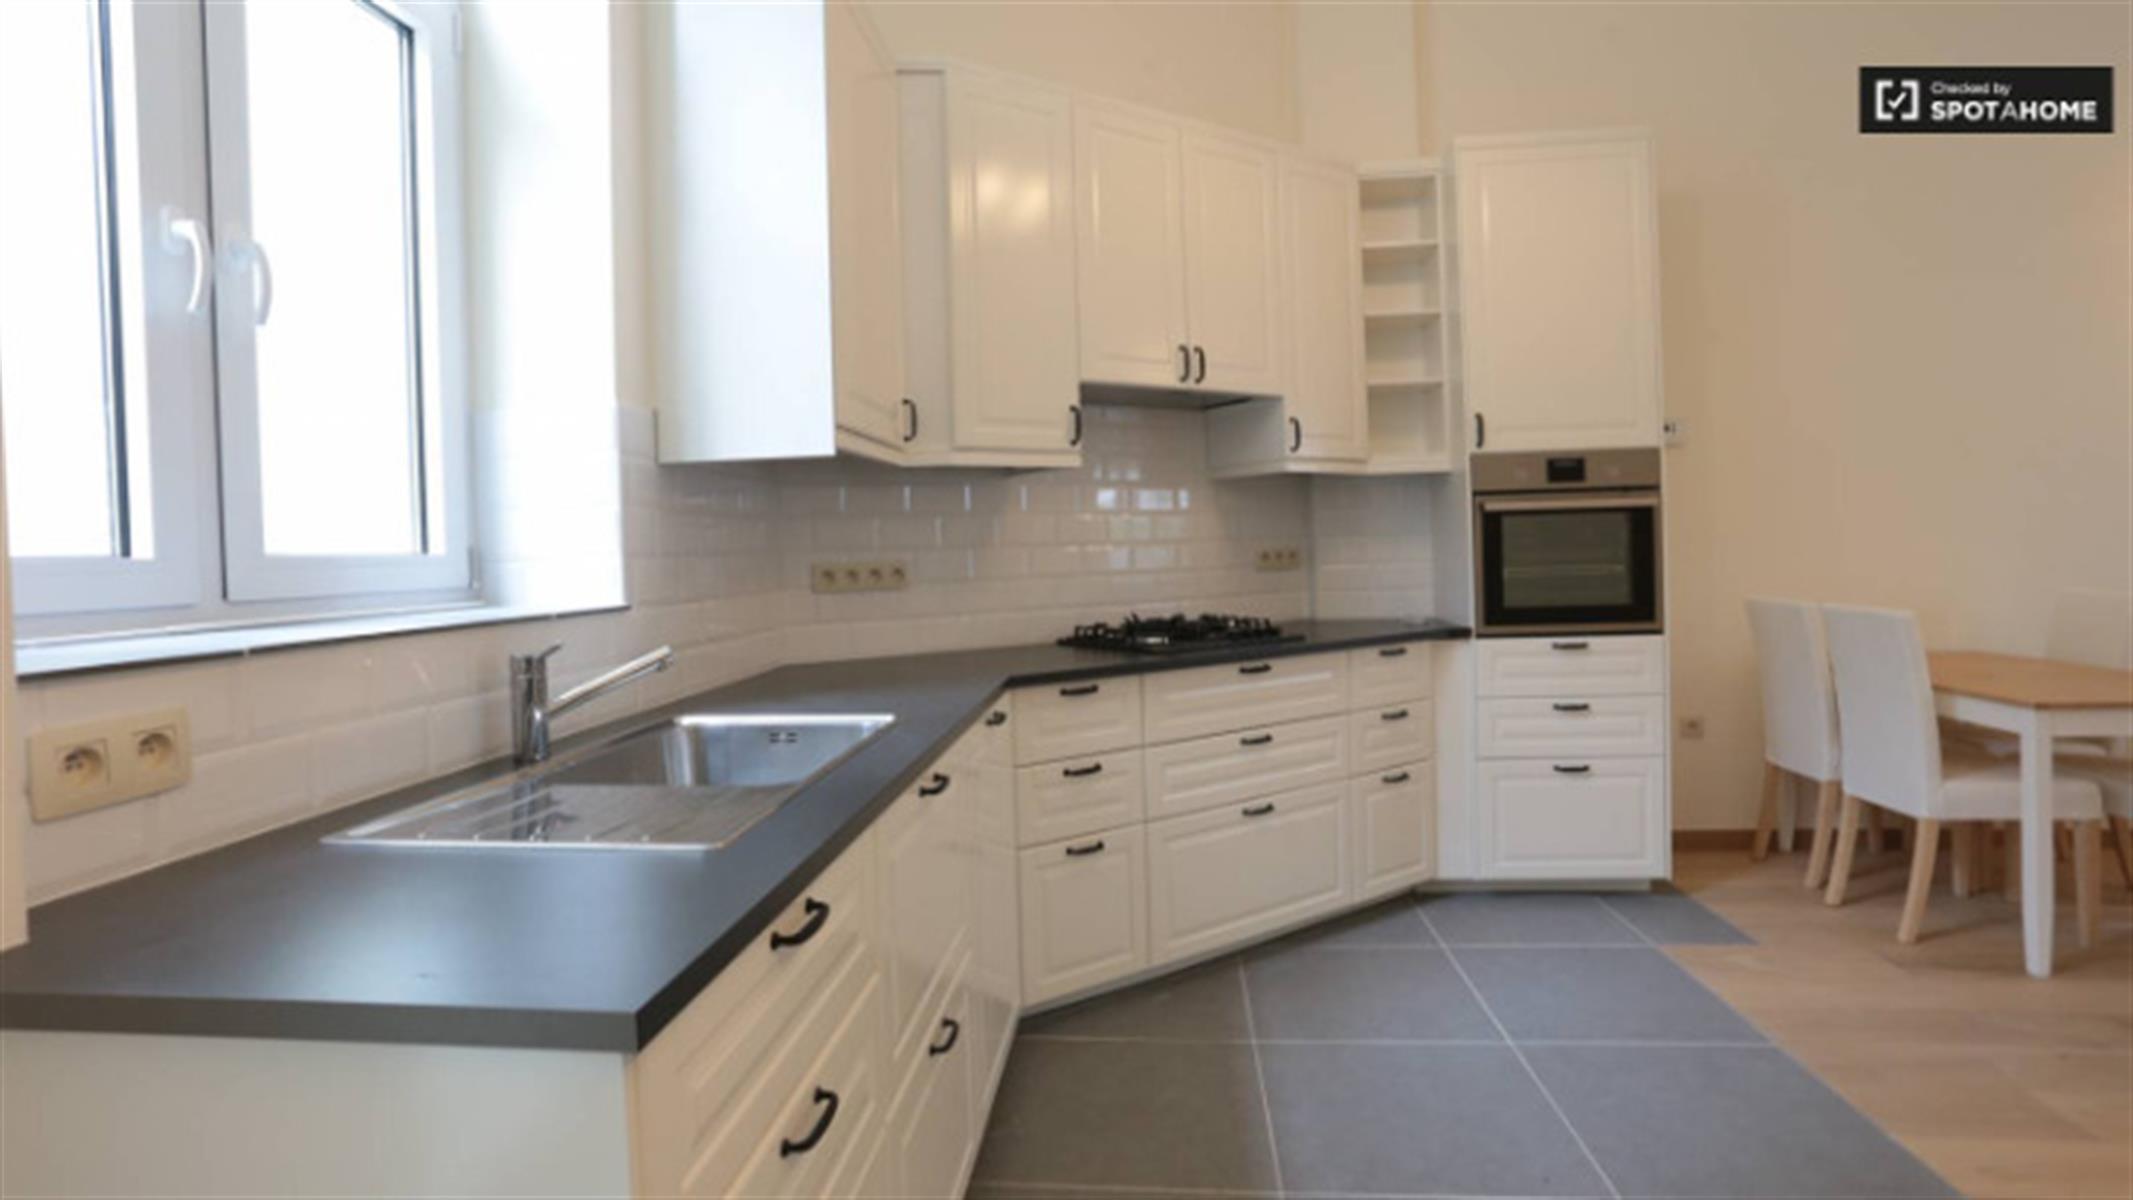 Duplex - Ixelles - #4150164-6